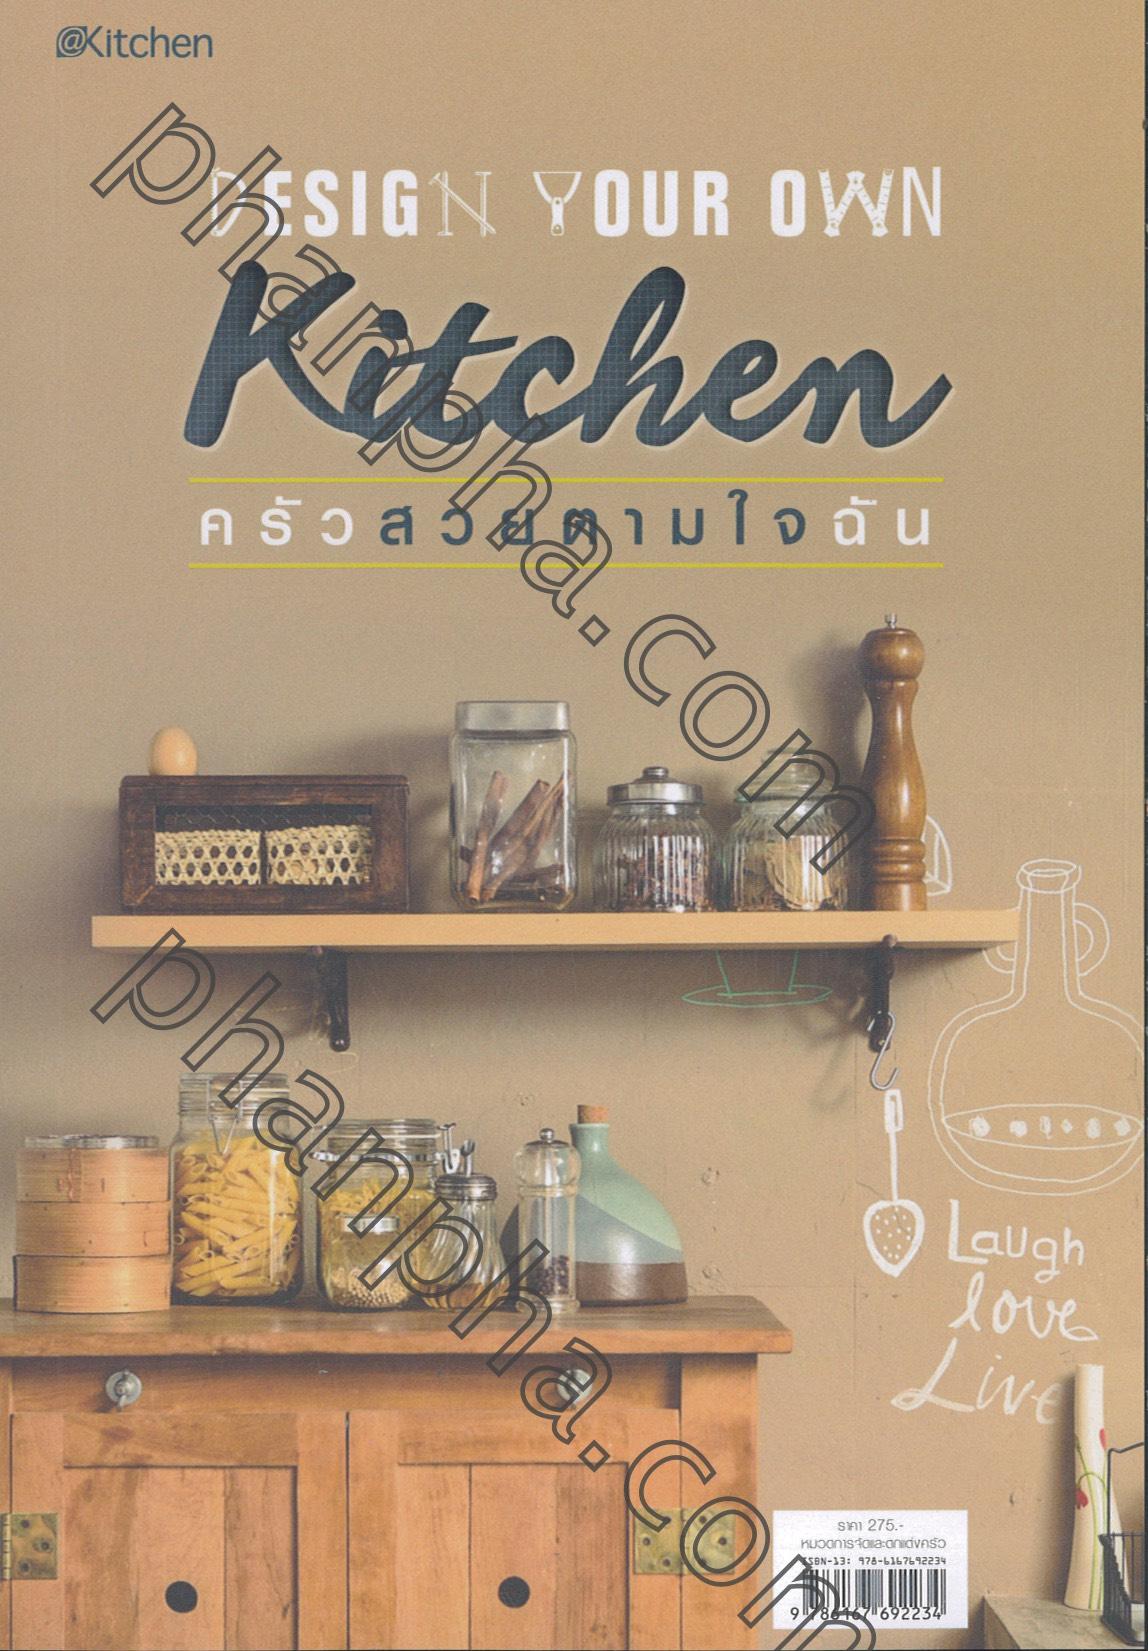 Design Your Own Kitchen: DESIGN YOUR OWN Kitchen ครัวสวยตามใจฉัน